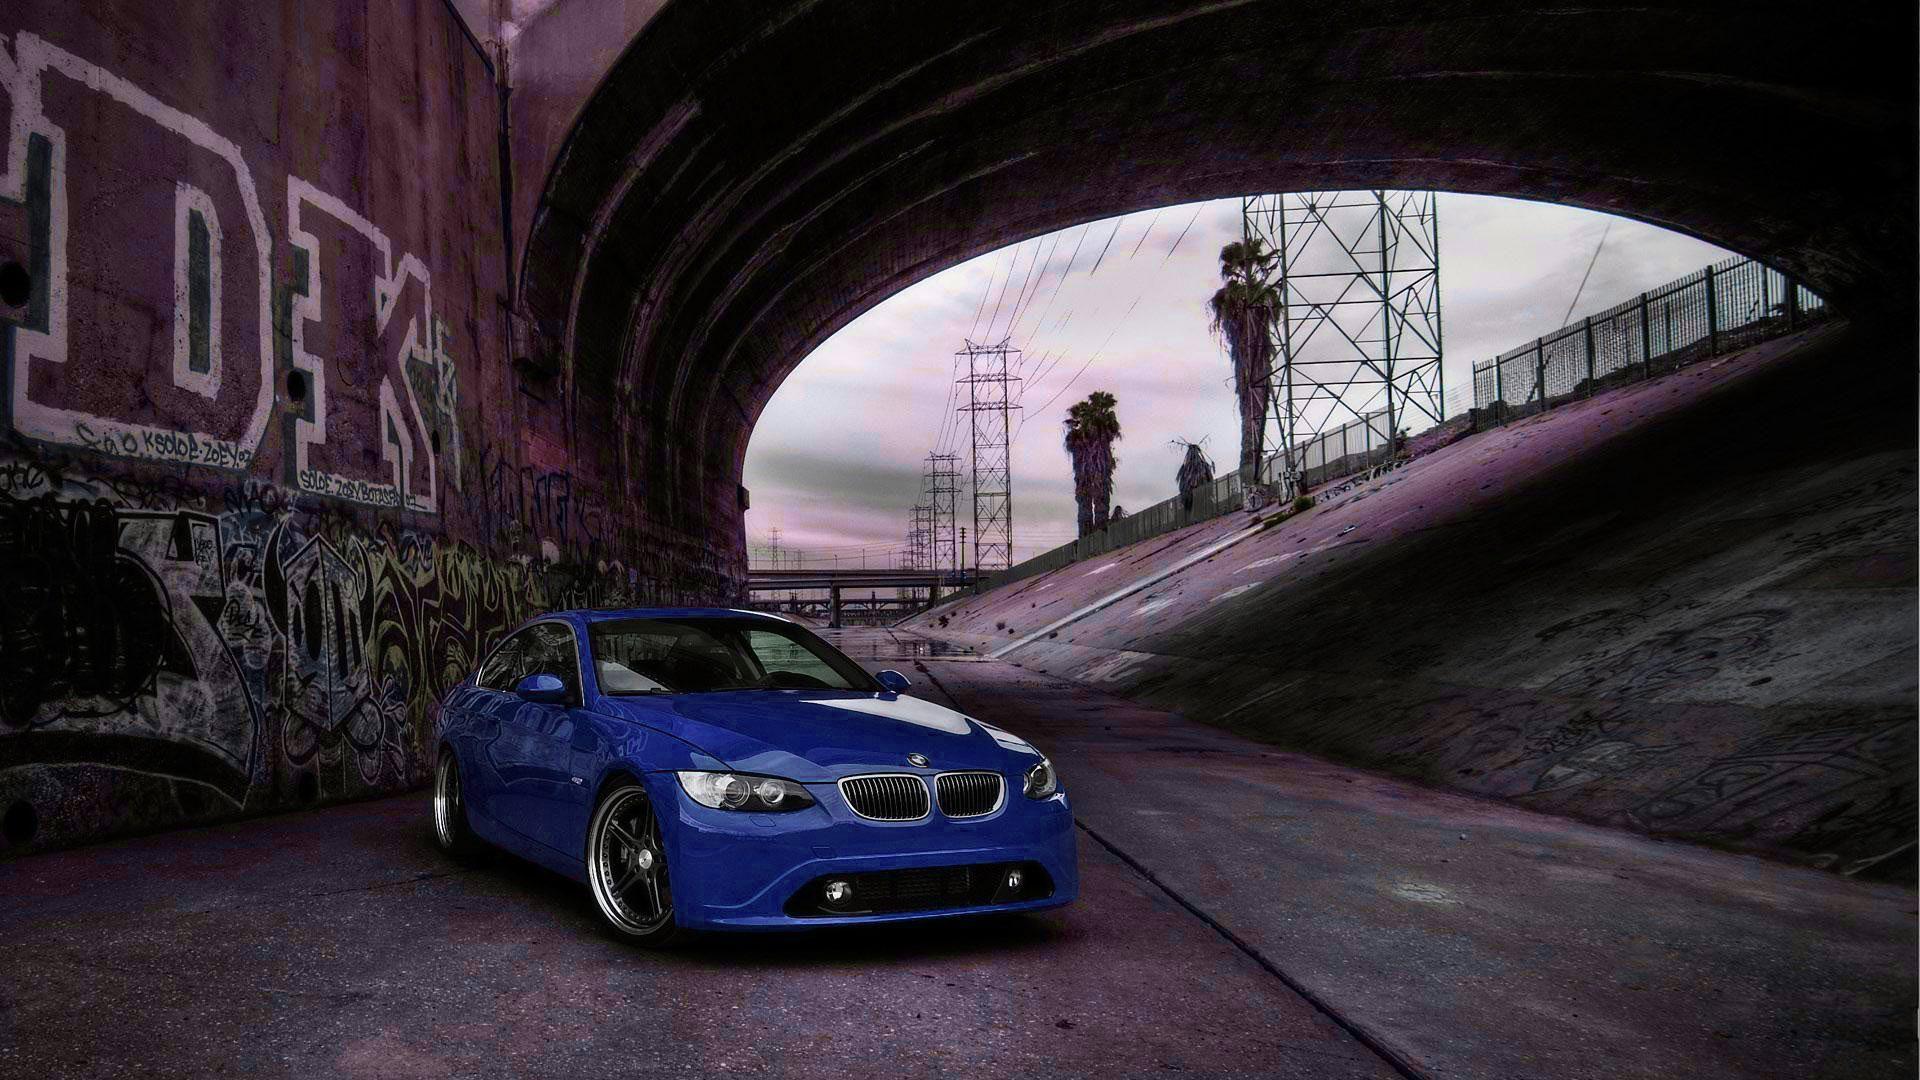 Cool Plavi Bmw M3 Wallpaper Hd Pozadine Check More At Http Pozadine Info Auto Moto Plavi Bmw M3 Bmw Bmw Wallpapers Bmw Blue